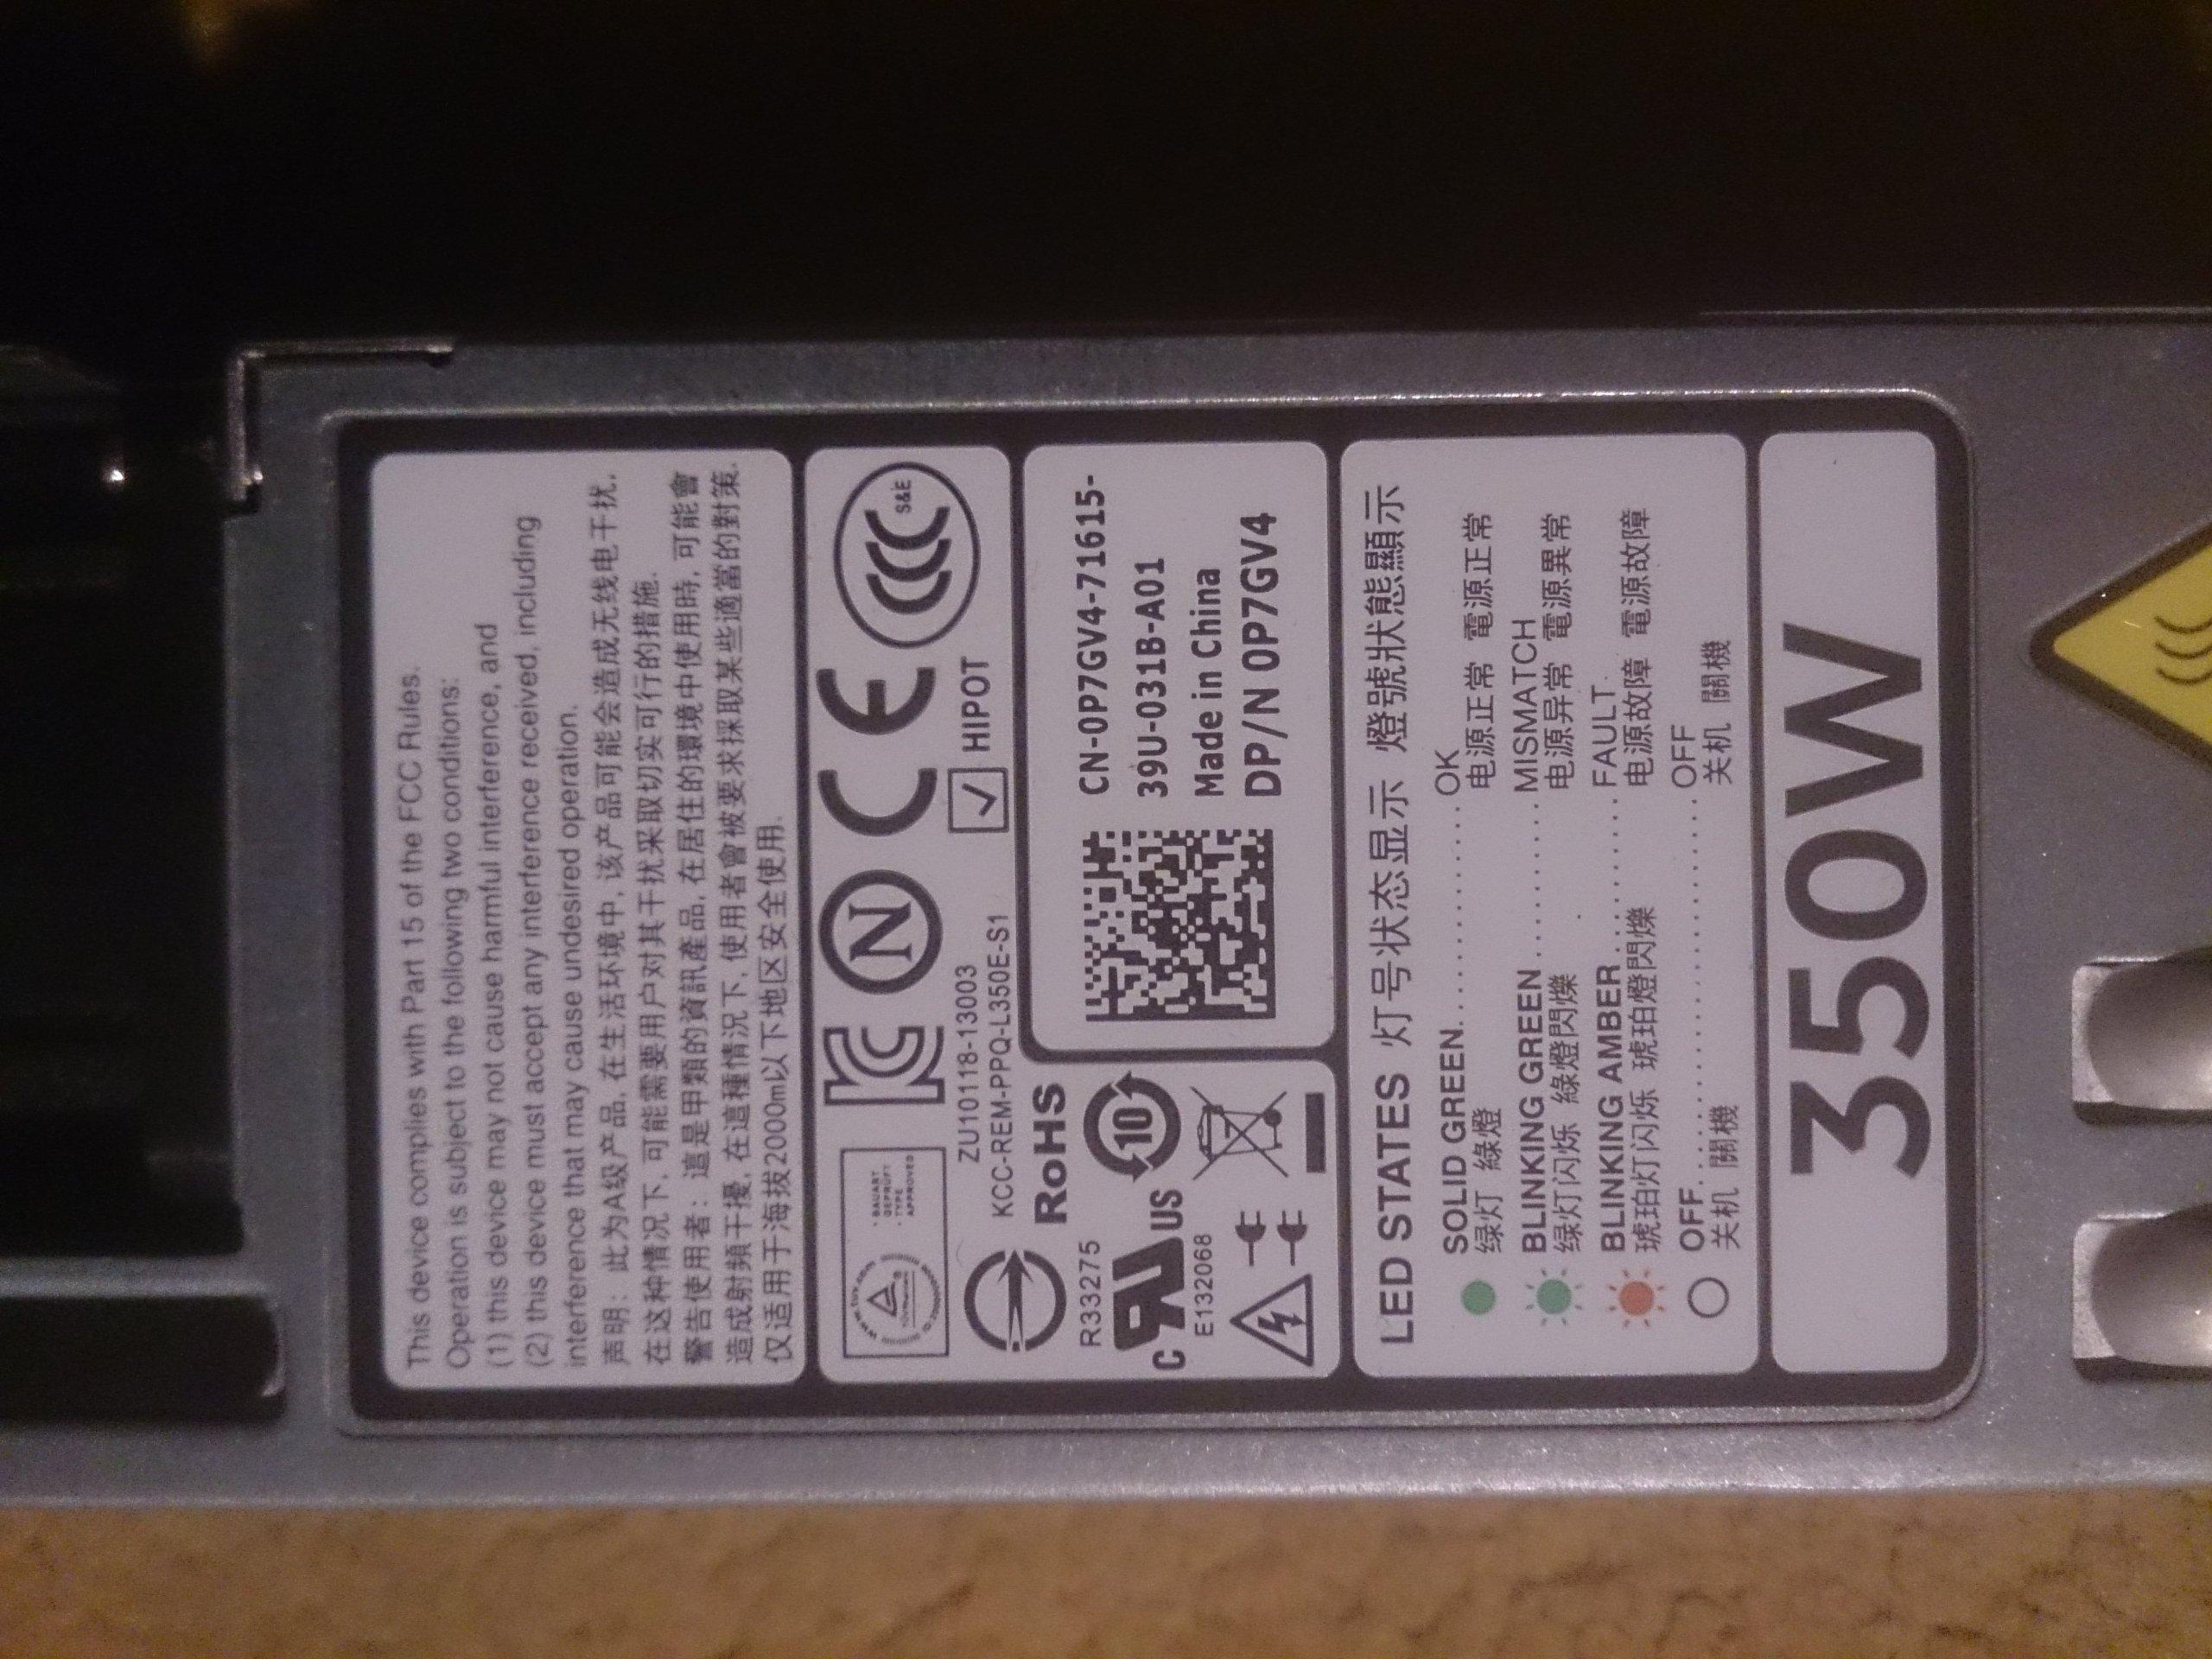 zasilacz Dell PowerEdge R320 R420 350W 0P7GV4 - 7110509323